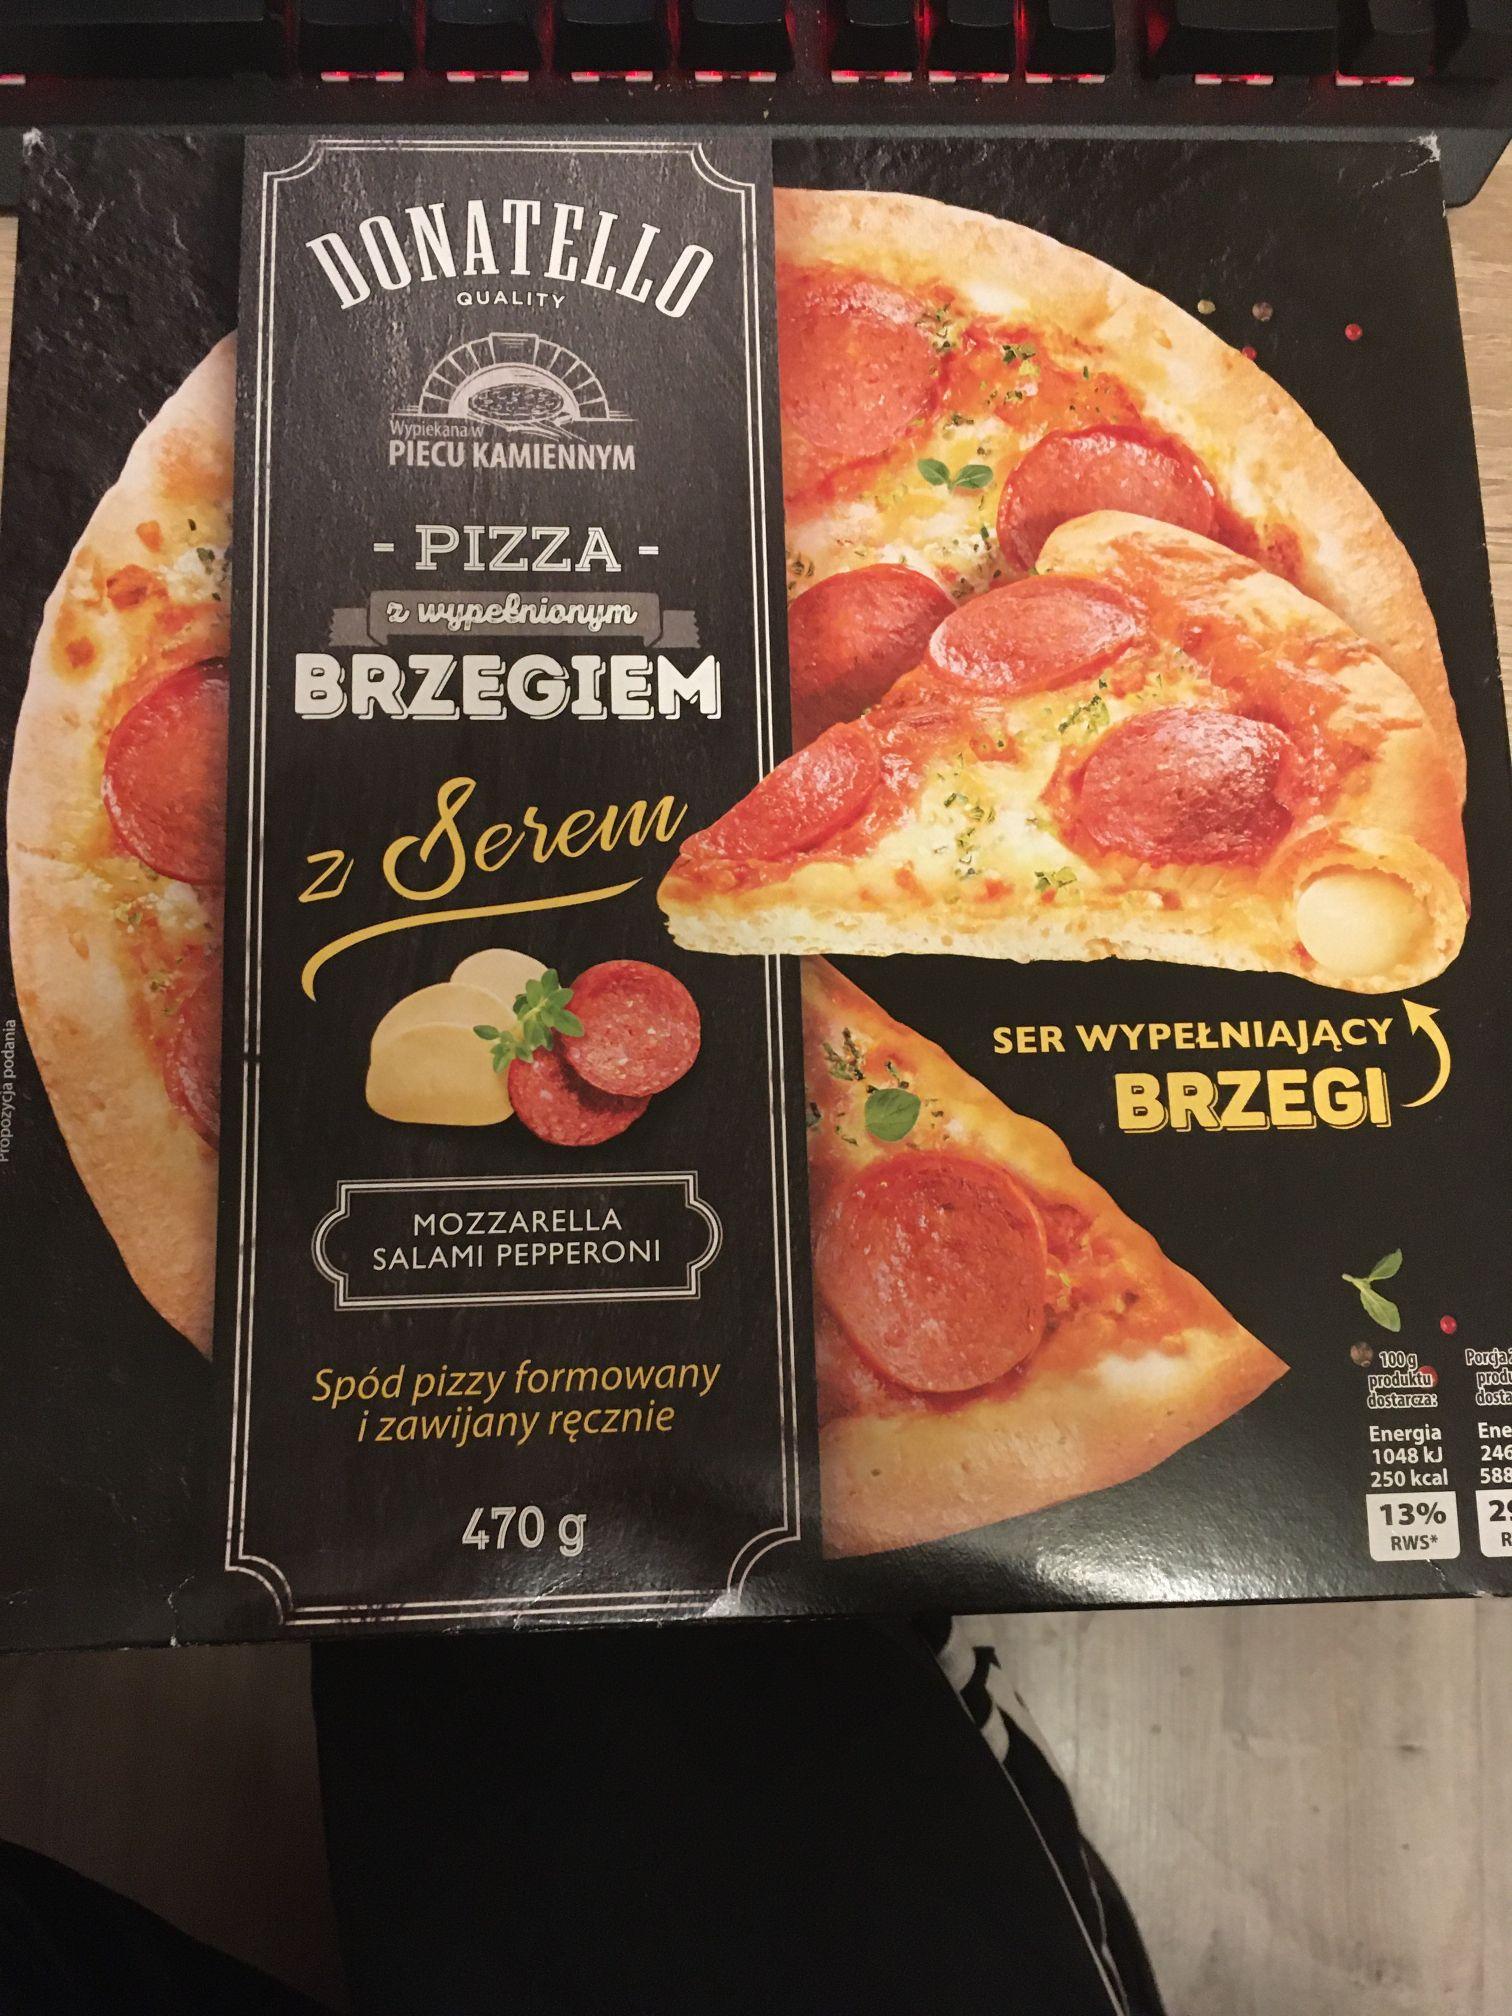 Biedronka: Pizza Donatello z wypełnionym brzegiem